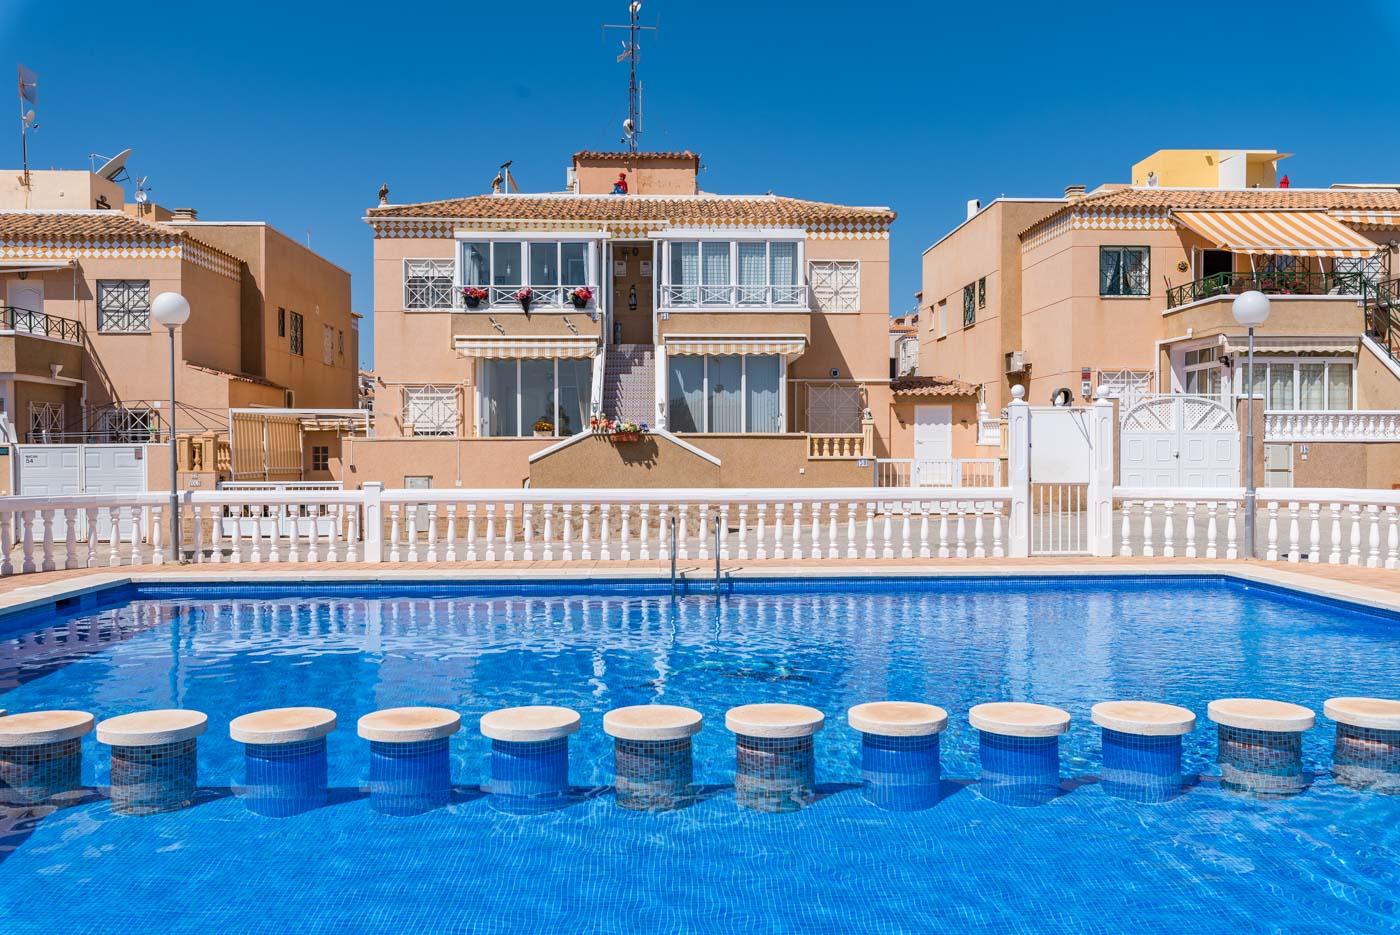 swimming-pool-spain-aguas-nuevas